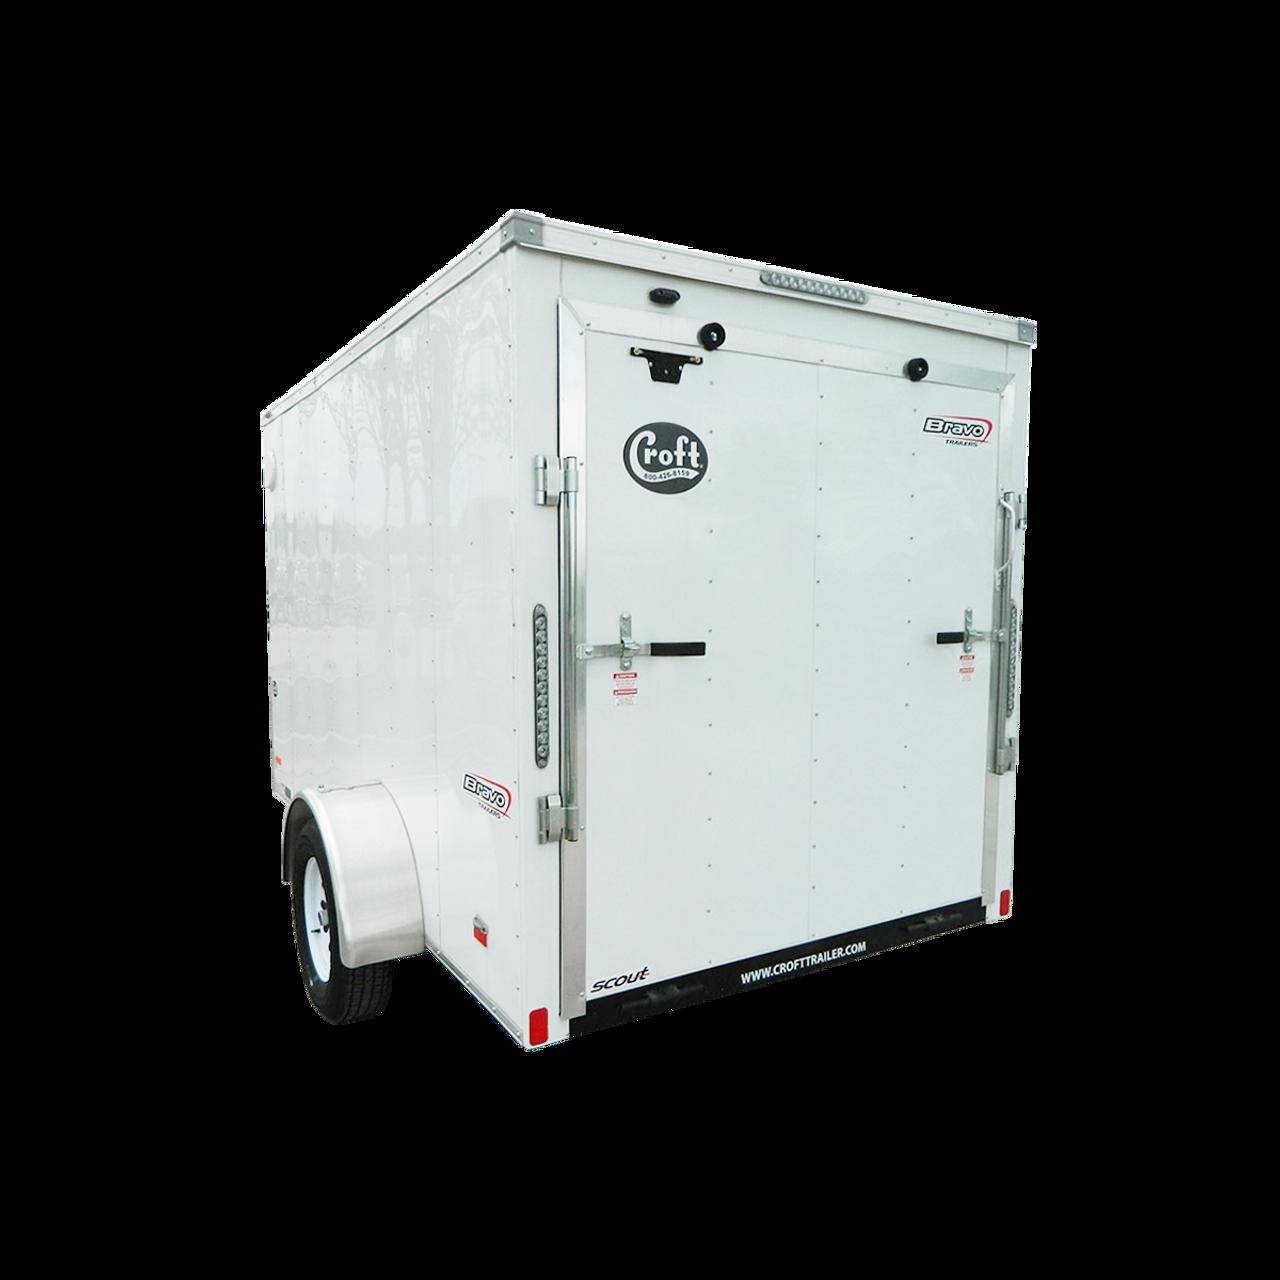 SC610SADRD --- 6' X 10' Enclosed Trailer with Ramp Door - Bravo